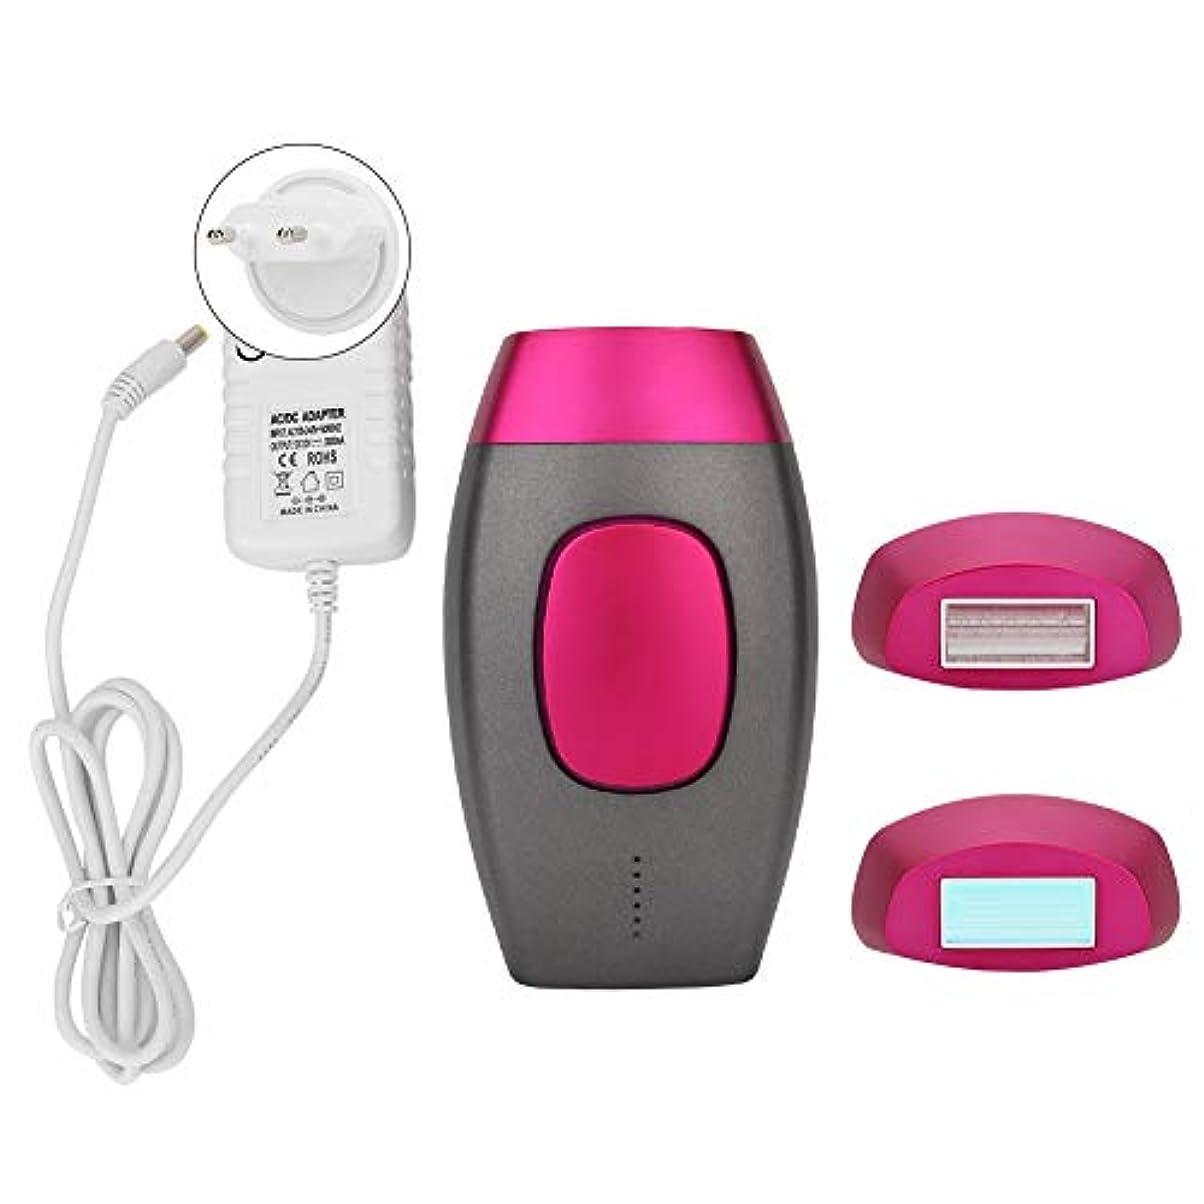 経済的汗カッター女性のためのヘアリムーバー、眉毛鼻トリマーを含む防水フェイシャルシェーバーボディシェーバー(US Plug)